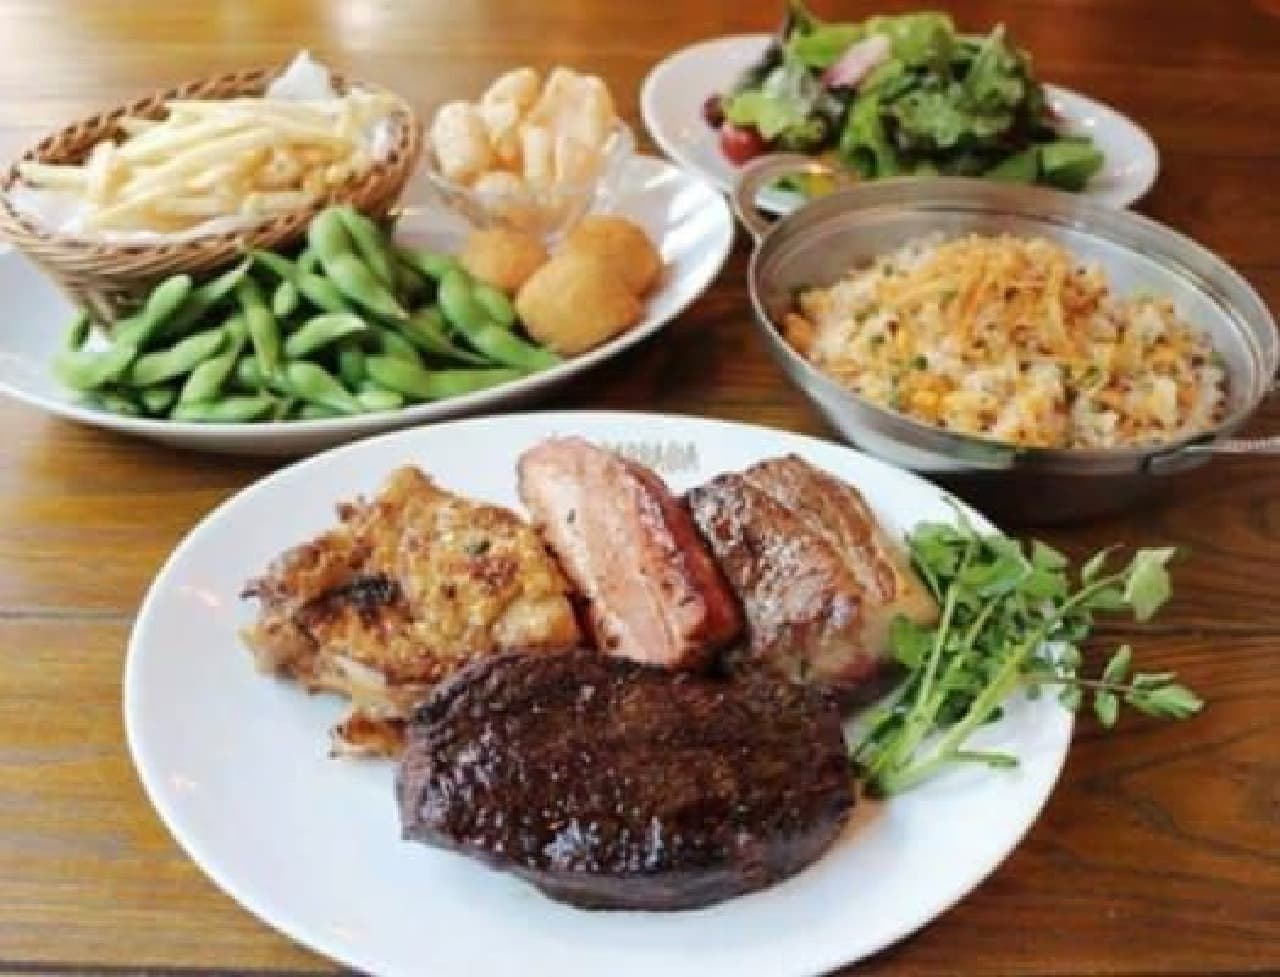 しっかり食べたいなら、10品あるバルバッコアコースを!  (提供:バルバッコア)